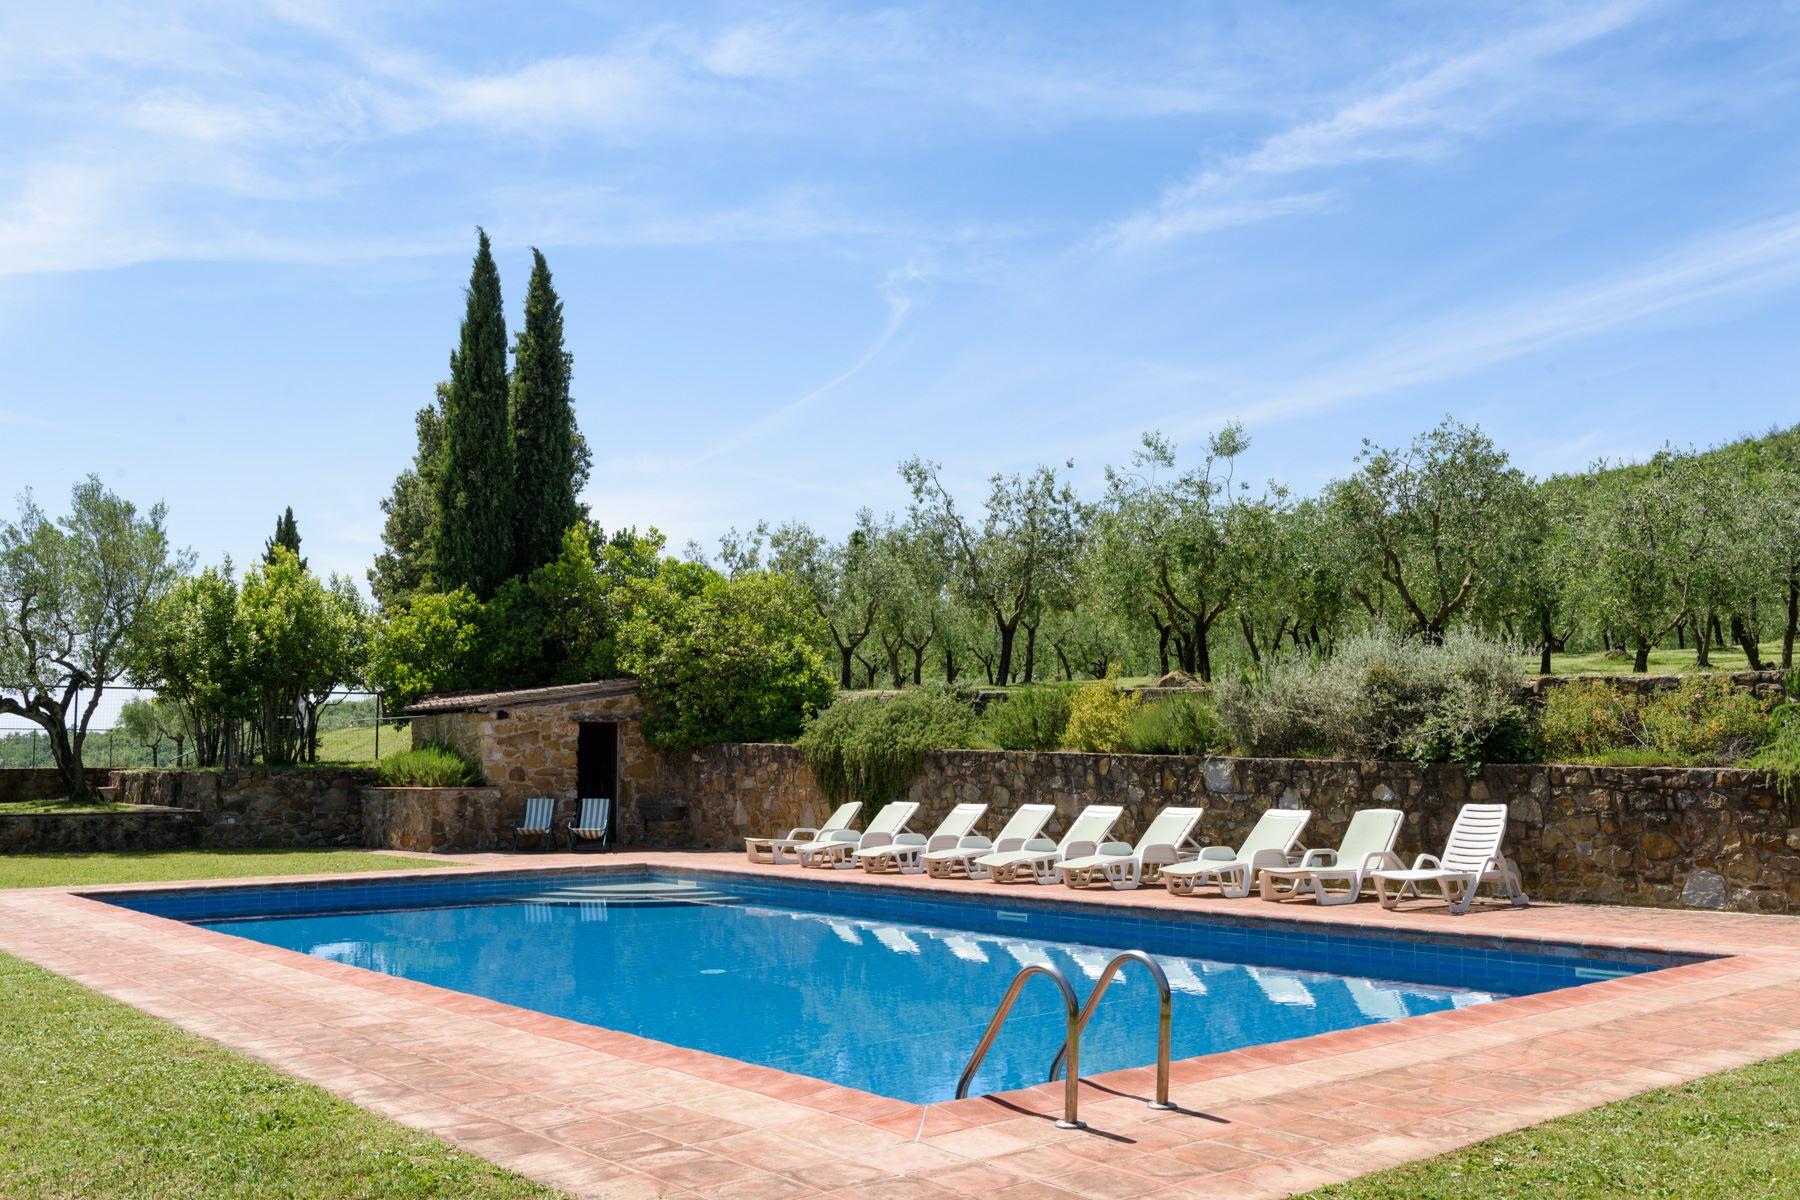 Single Family Home for Sale at Country retreat in Chianti Aretino Pergine Valdarno, Arezzo Italy